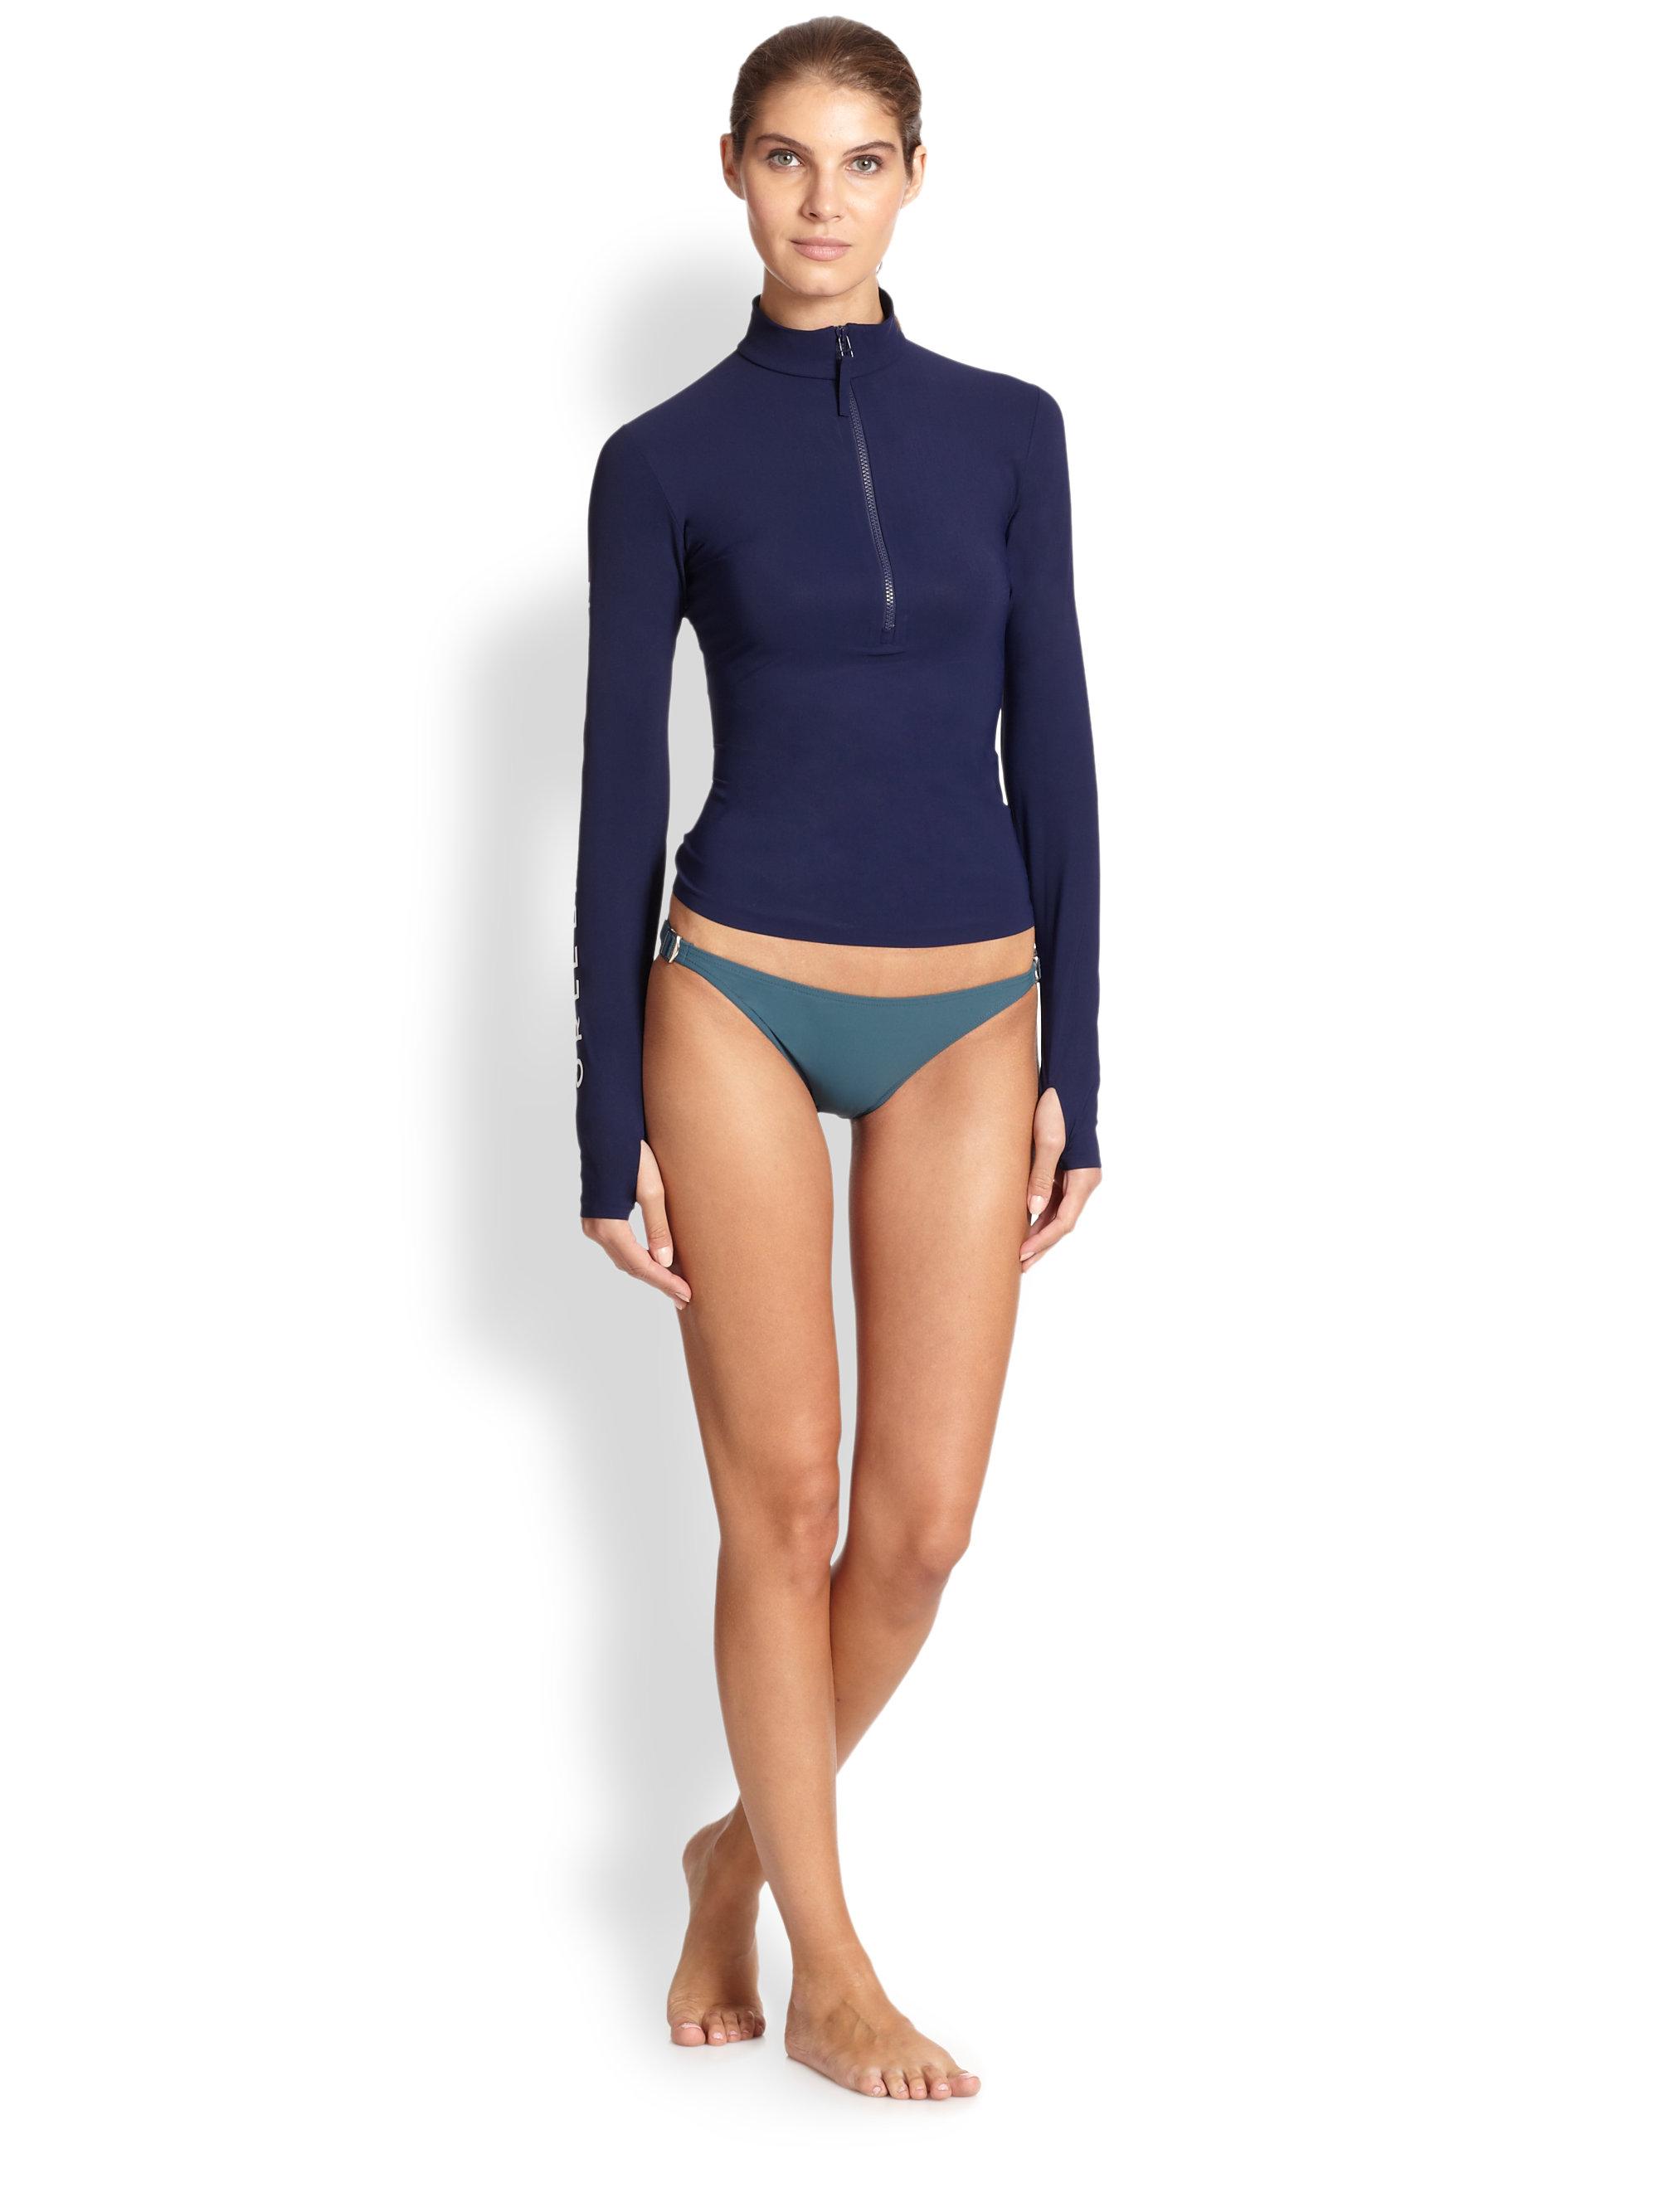 Guess Swimwear, Bikinis & Swimsuits Lyst